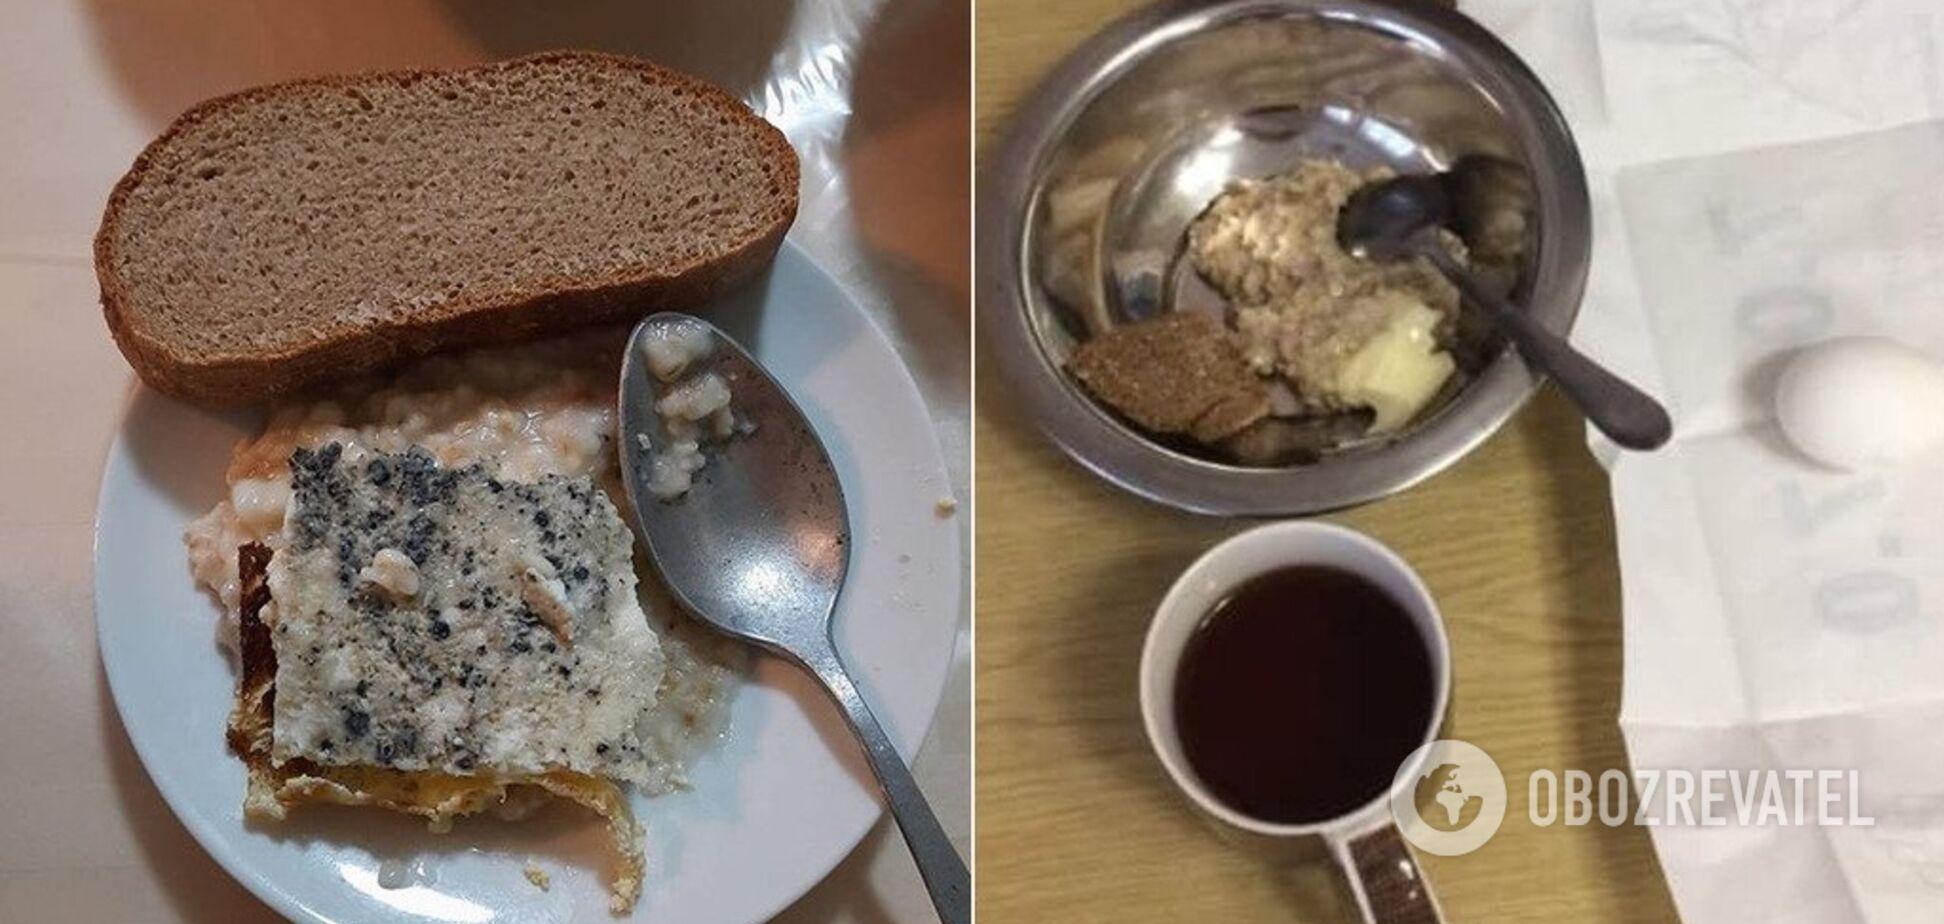 'Такой завтрак бы министру!' В сети показали жуткие условия в больницах Днепра. Фото